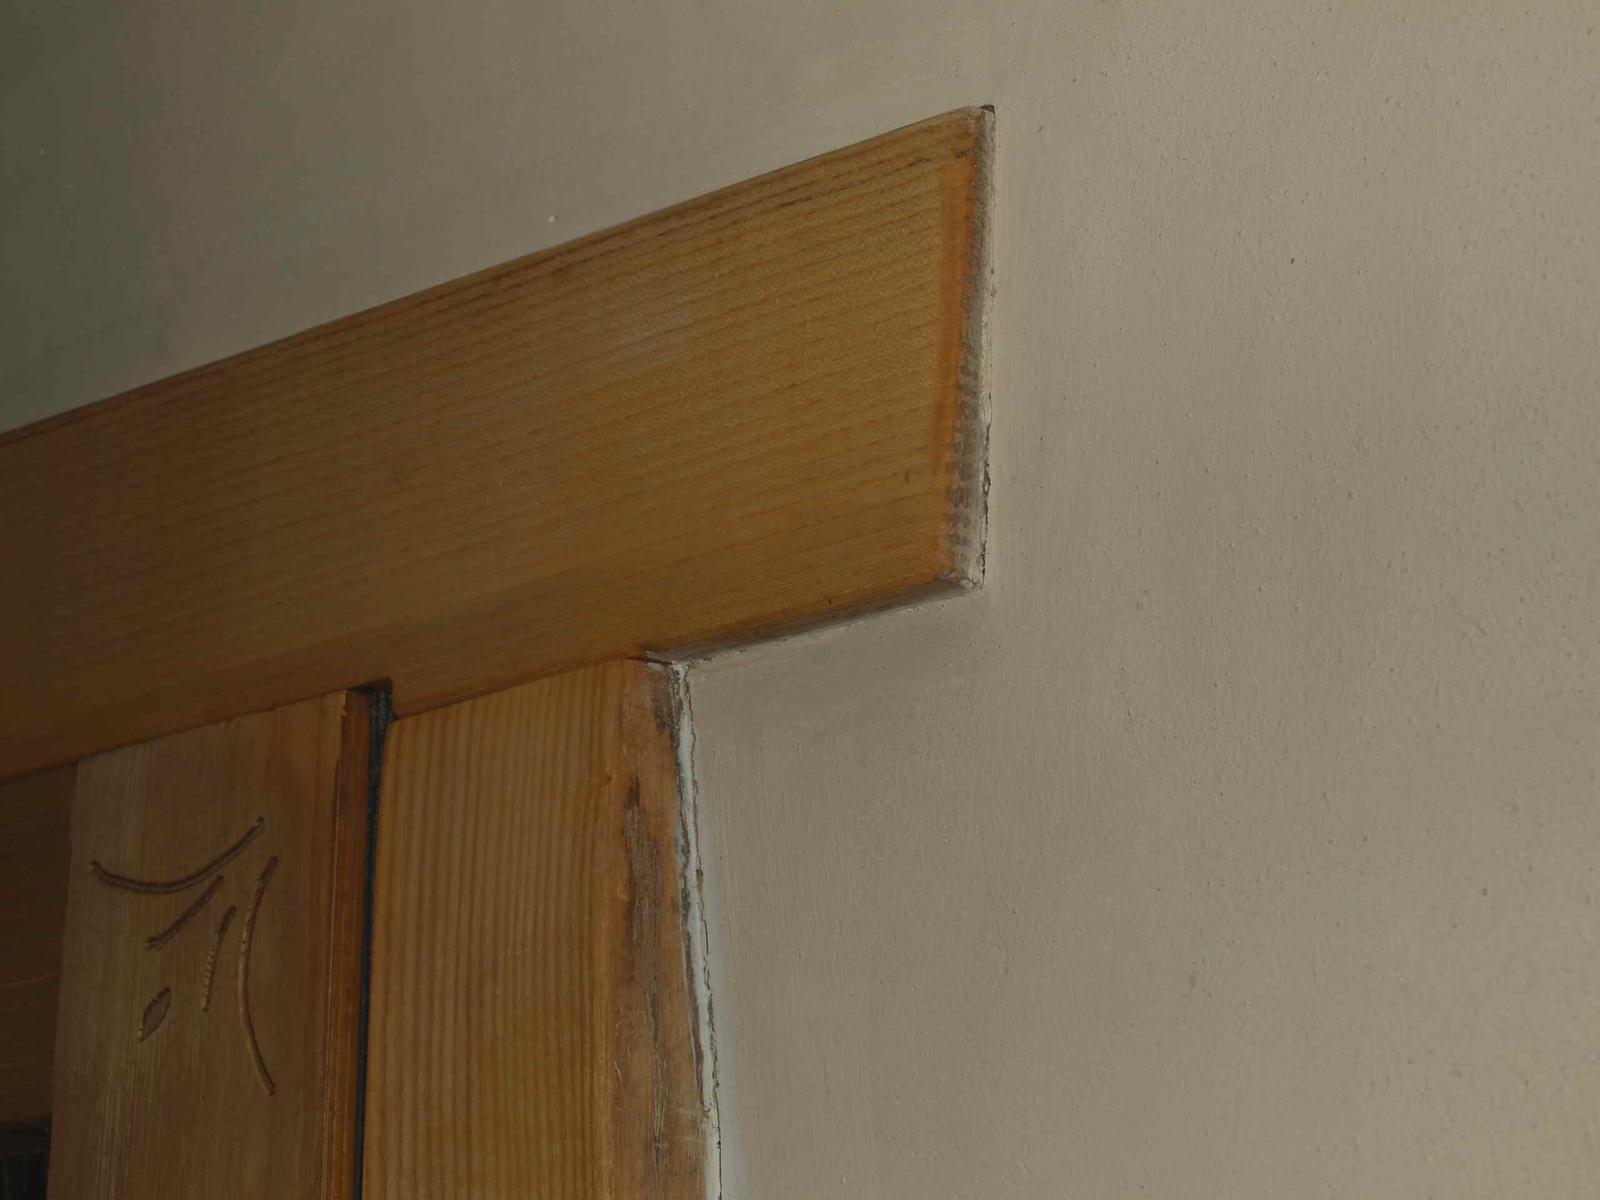 Hlinené omietky a podlahy svojpomocne. - Detail priomietnutia zárubne s priznanou hranou. Íl pri vysychaní vytvára na spoji s drevom dilatačnú škáru.